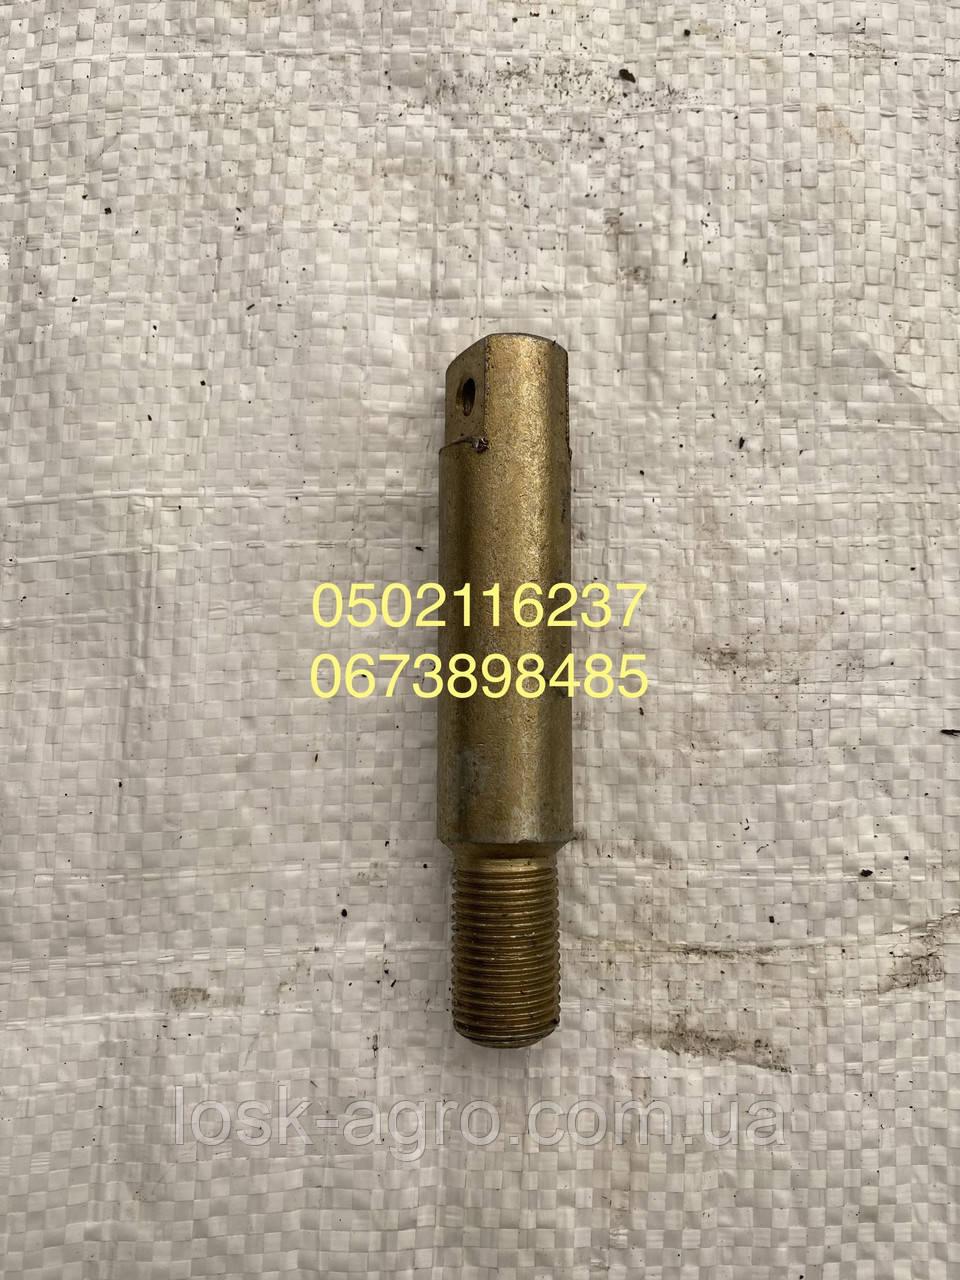 Палец (ось) регулировки подбарабанья  54-60150 Б механизма регулировки подбарабанья СК-5 комбайна НИВА